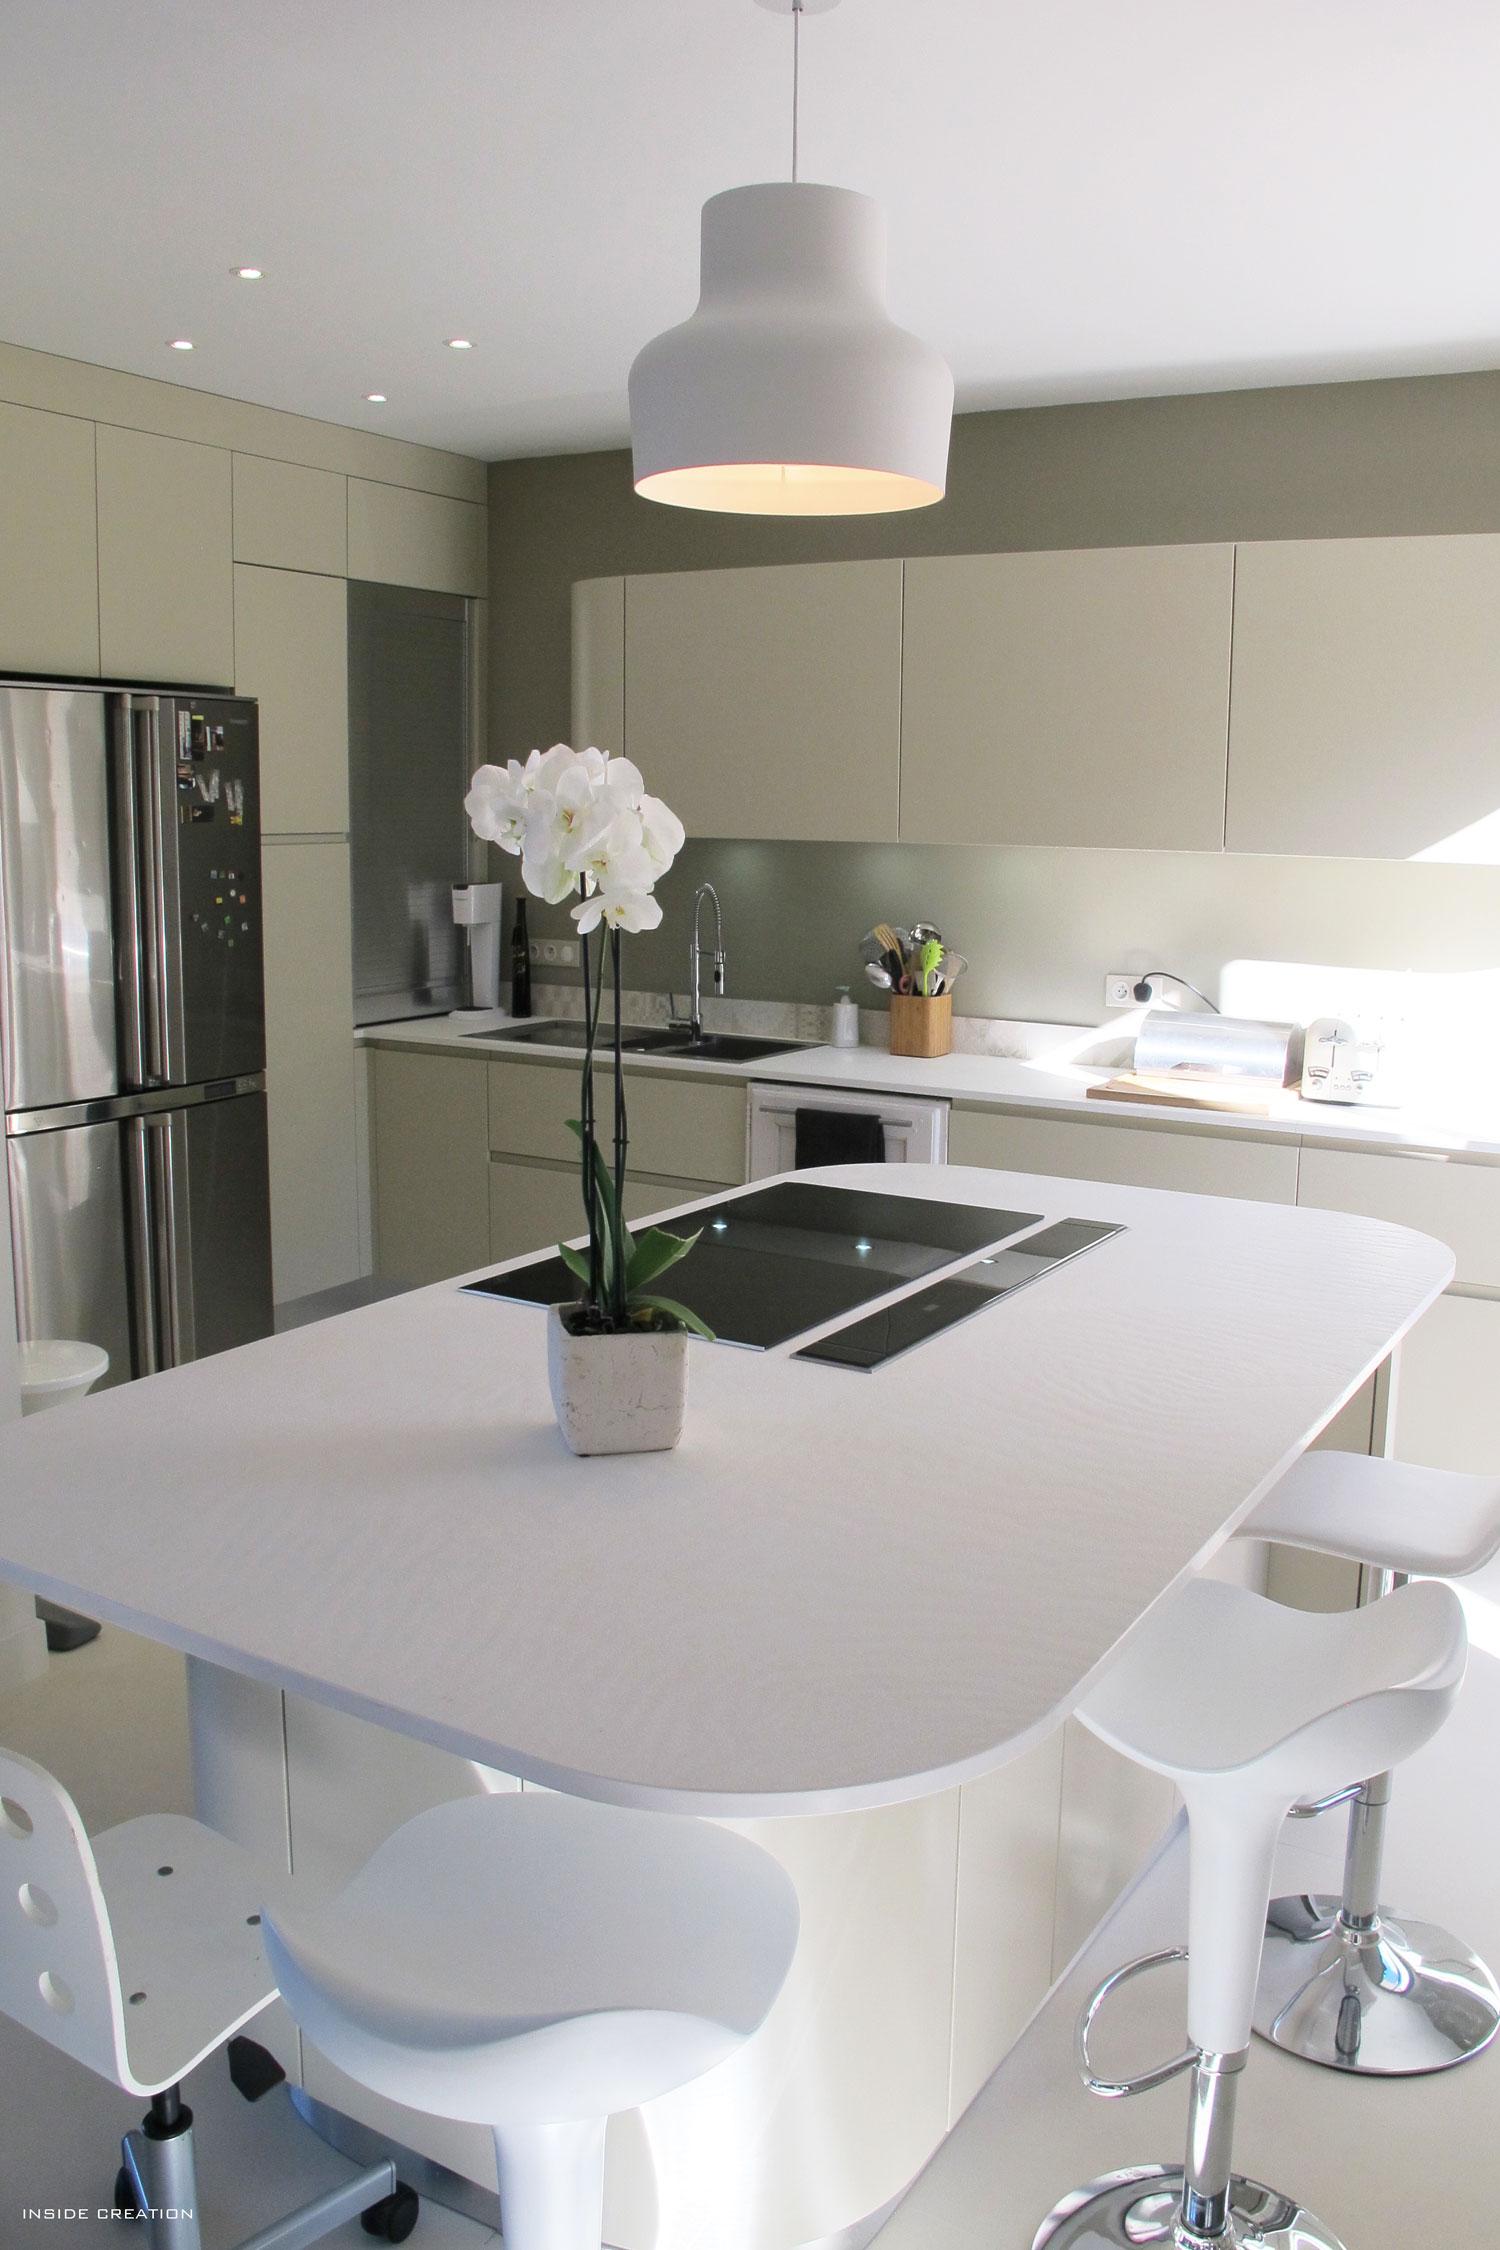 Inside creation architecte d 39 int rieur et d corateur nice for Decorateur professionnel 3 en 1